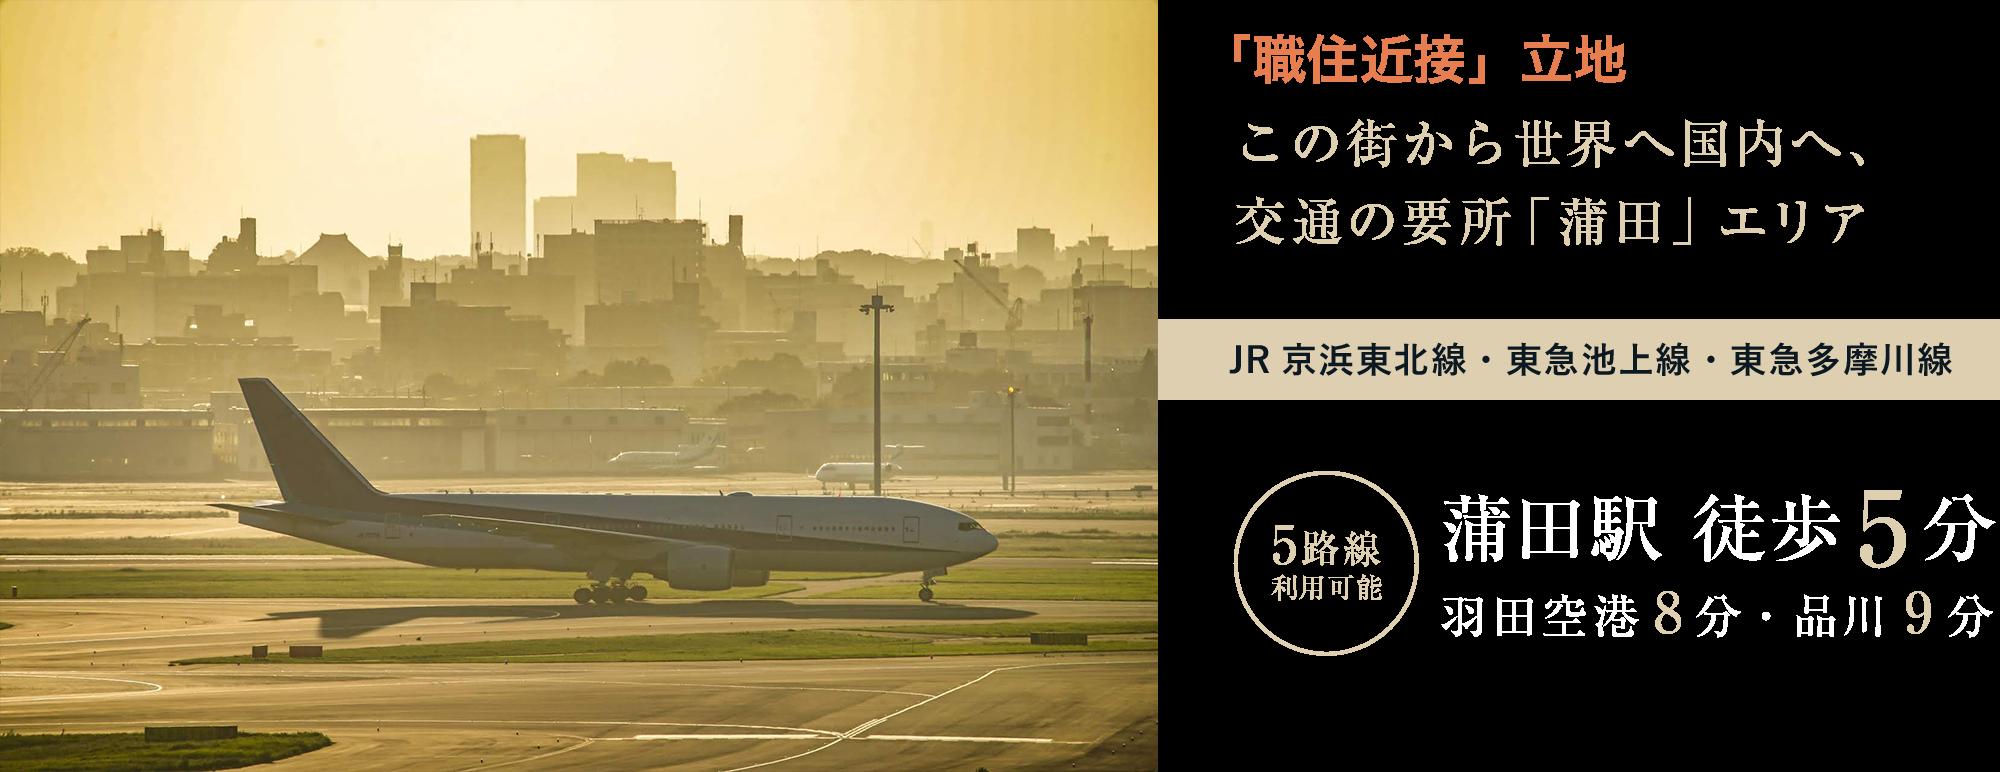 この街から世界へ国内へ、交通の要所「蒲田」エリア